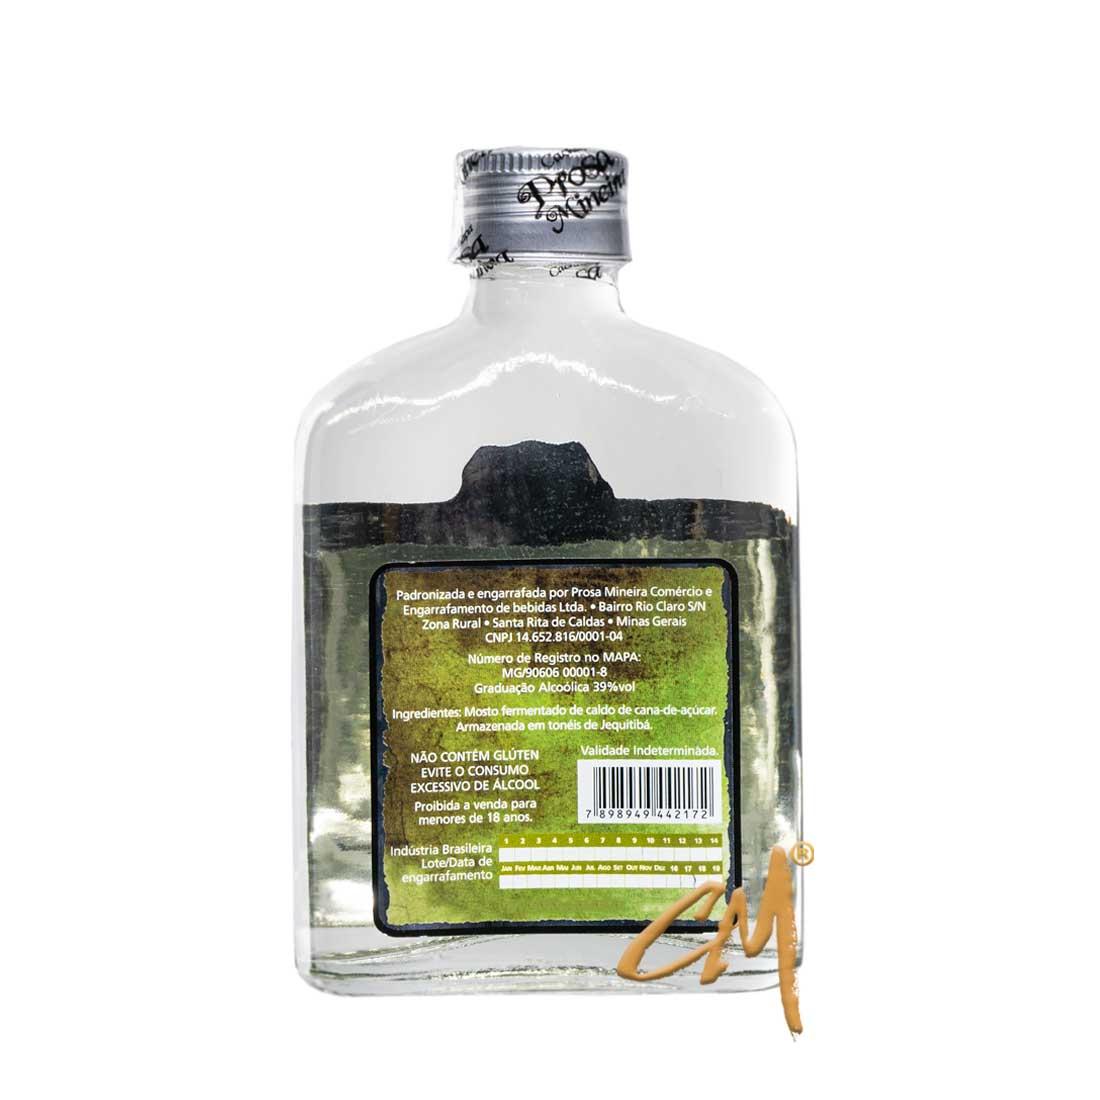 Cachaça Prosa Mineira Clássica 160 ml (Sta Rita de Caldas - MG)